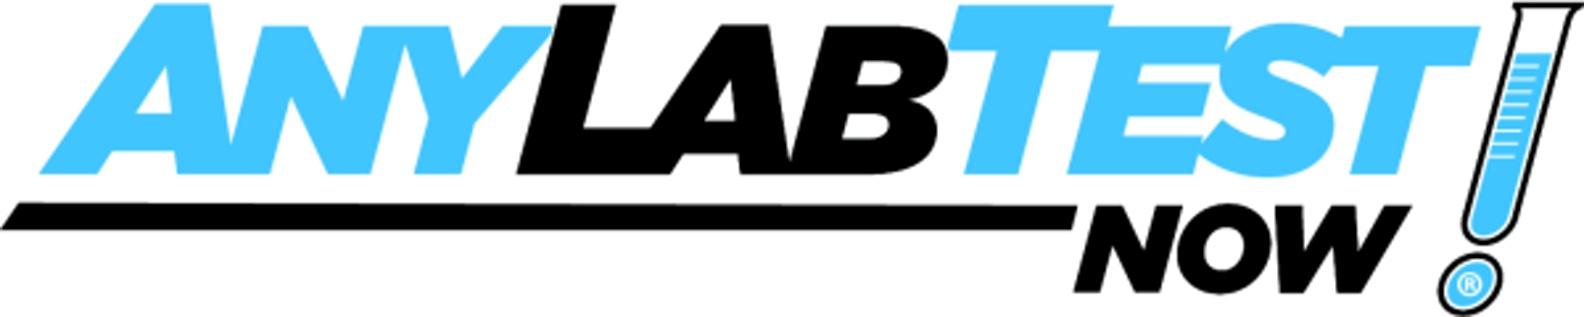 Any Lab Test Now - Altn-Plano Logo